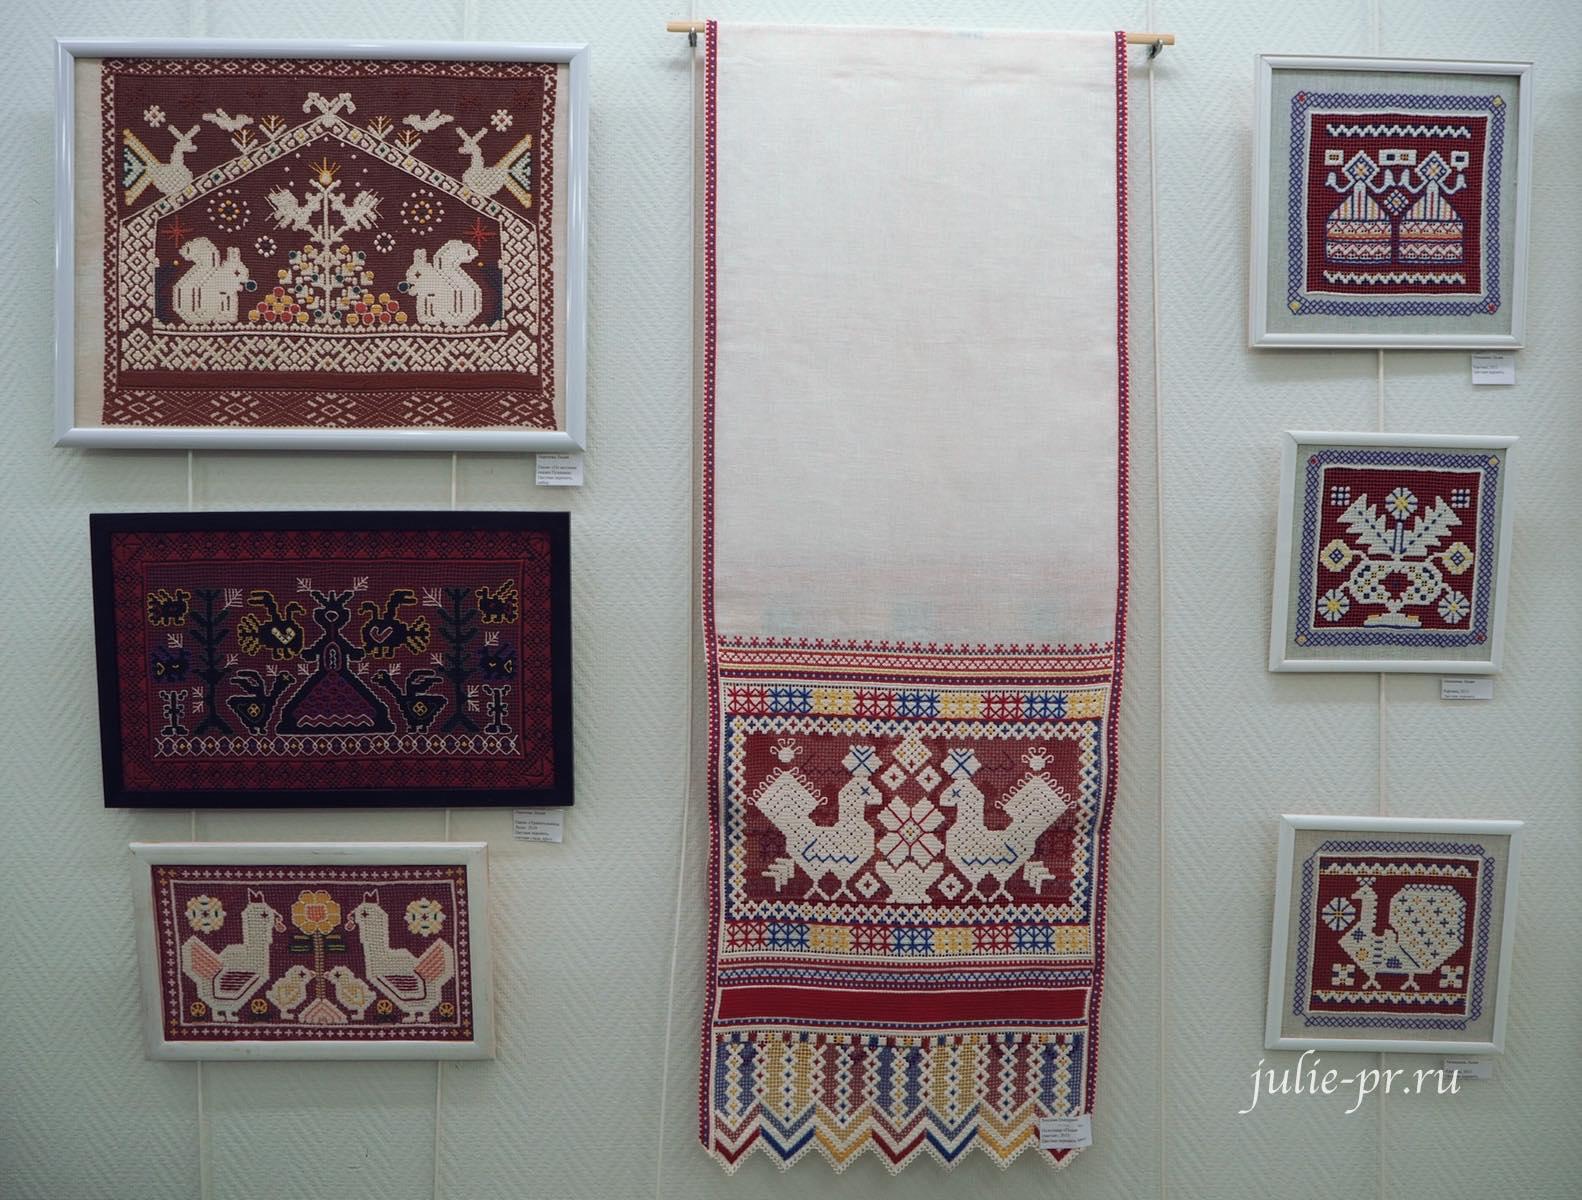 Цветная перевить, вышивка, выставка, Иголочка тонка, да достаёт до сердца, Санкт-Петербг